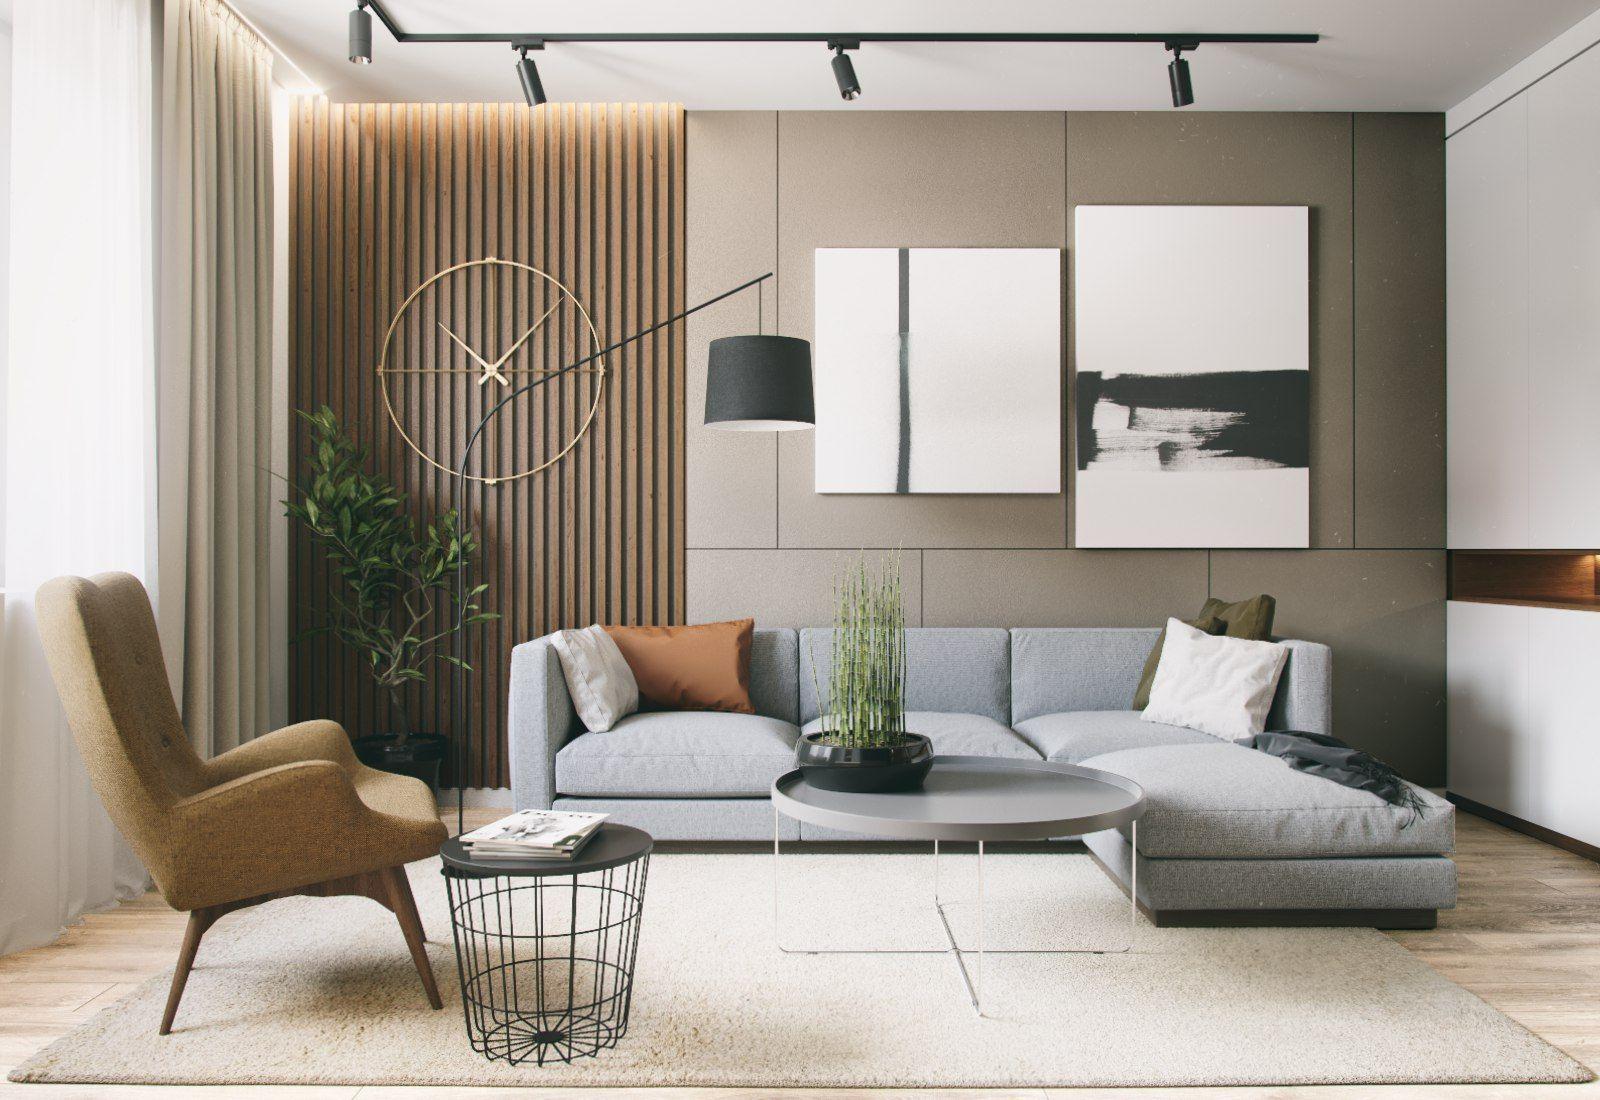 phong cách thiết kế nội thất tối giản trở thành xu hướng trong những năm gần đây